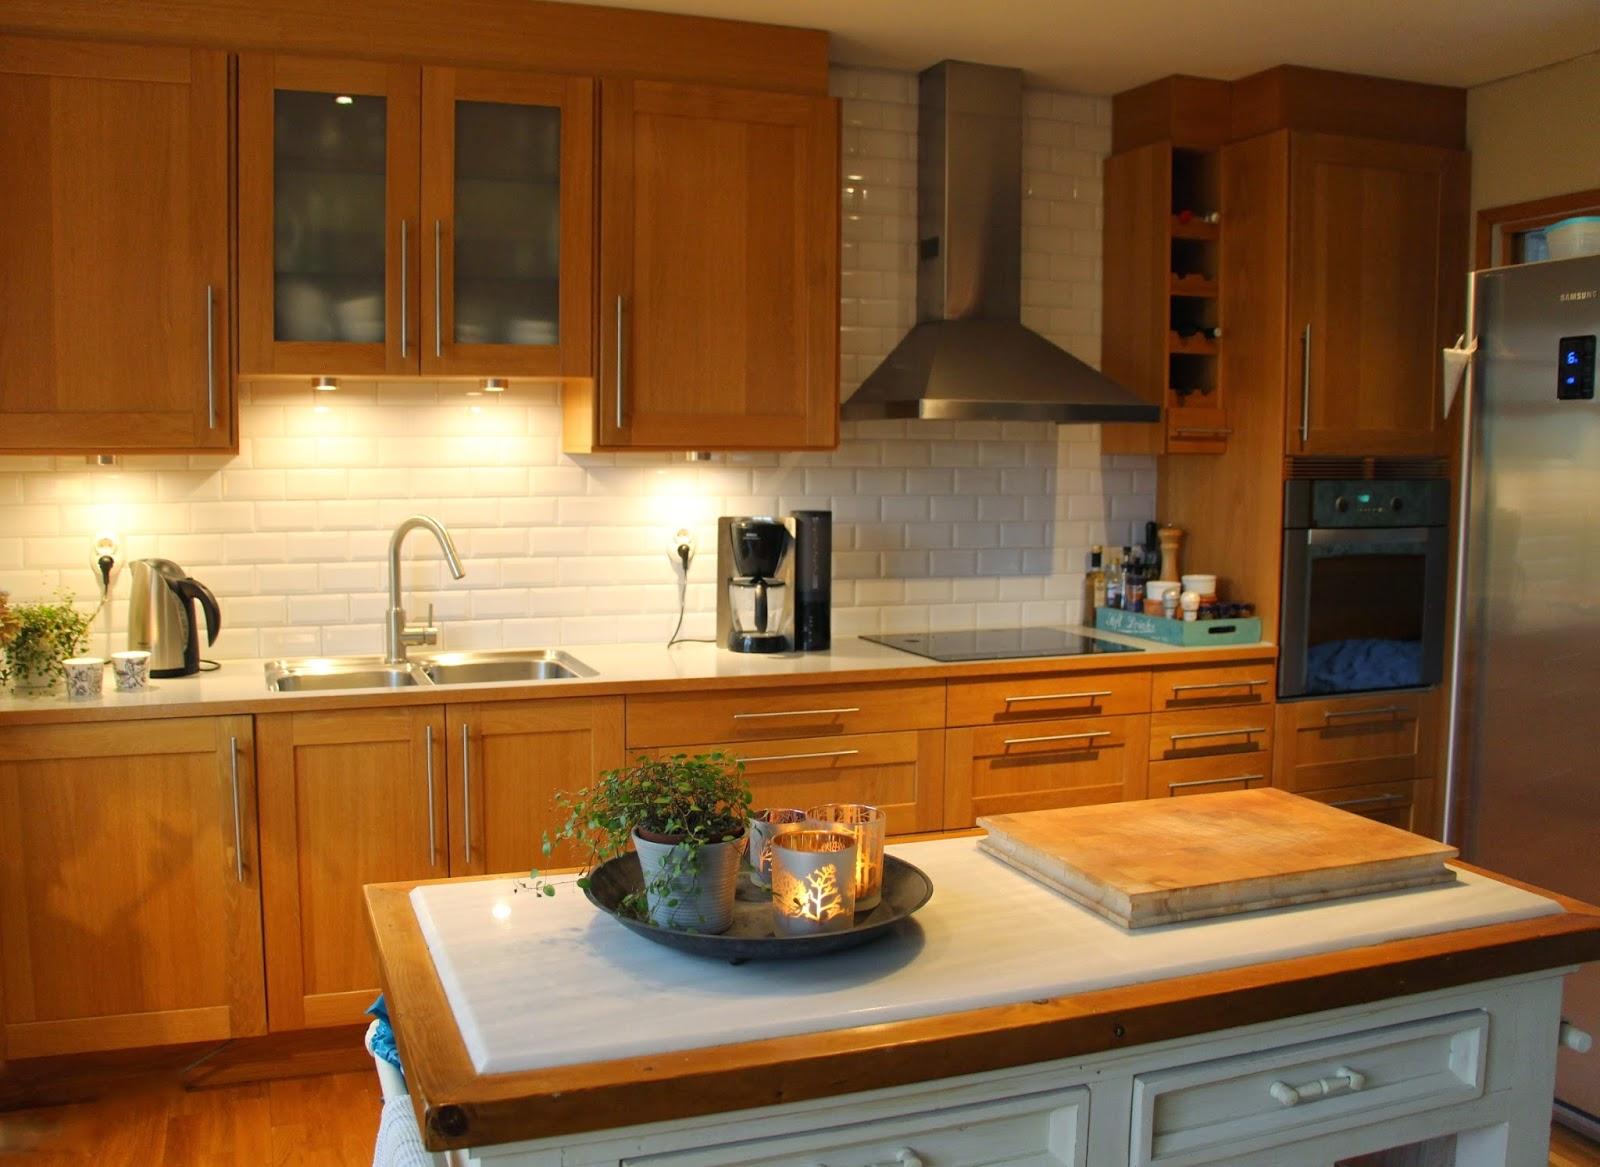 Sabelhagens olivlund : Välkommen in i nya köket, före - efter